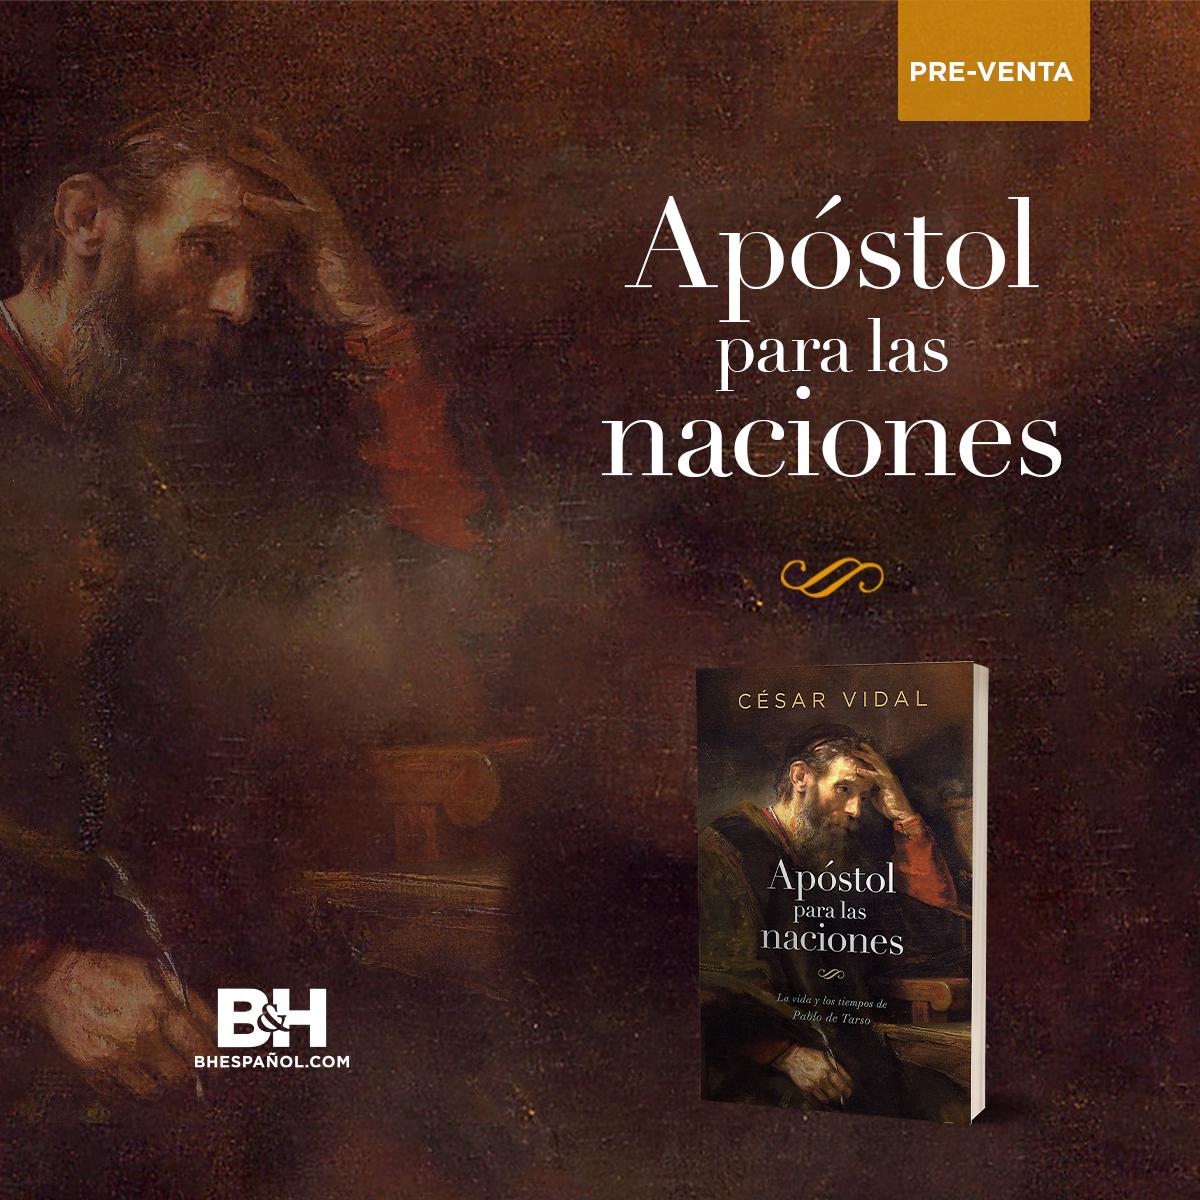 Apóstol para las naciones: La Vida Y Los Tiempos de Pablo de Tarso, el nuevo libro de César Vidal ya en preventa.